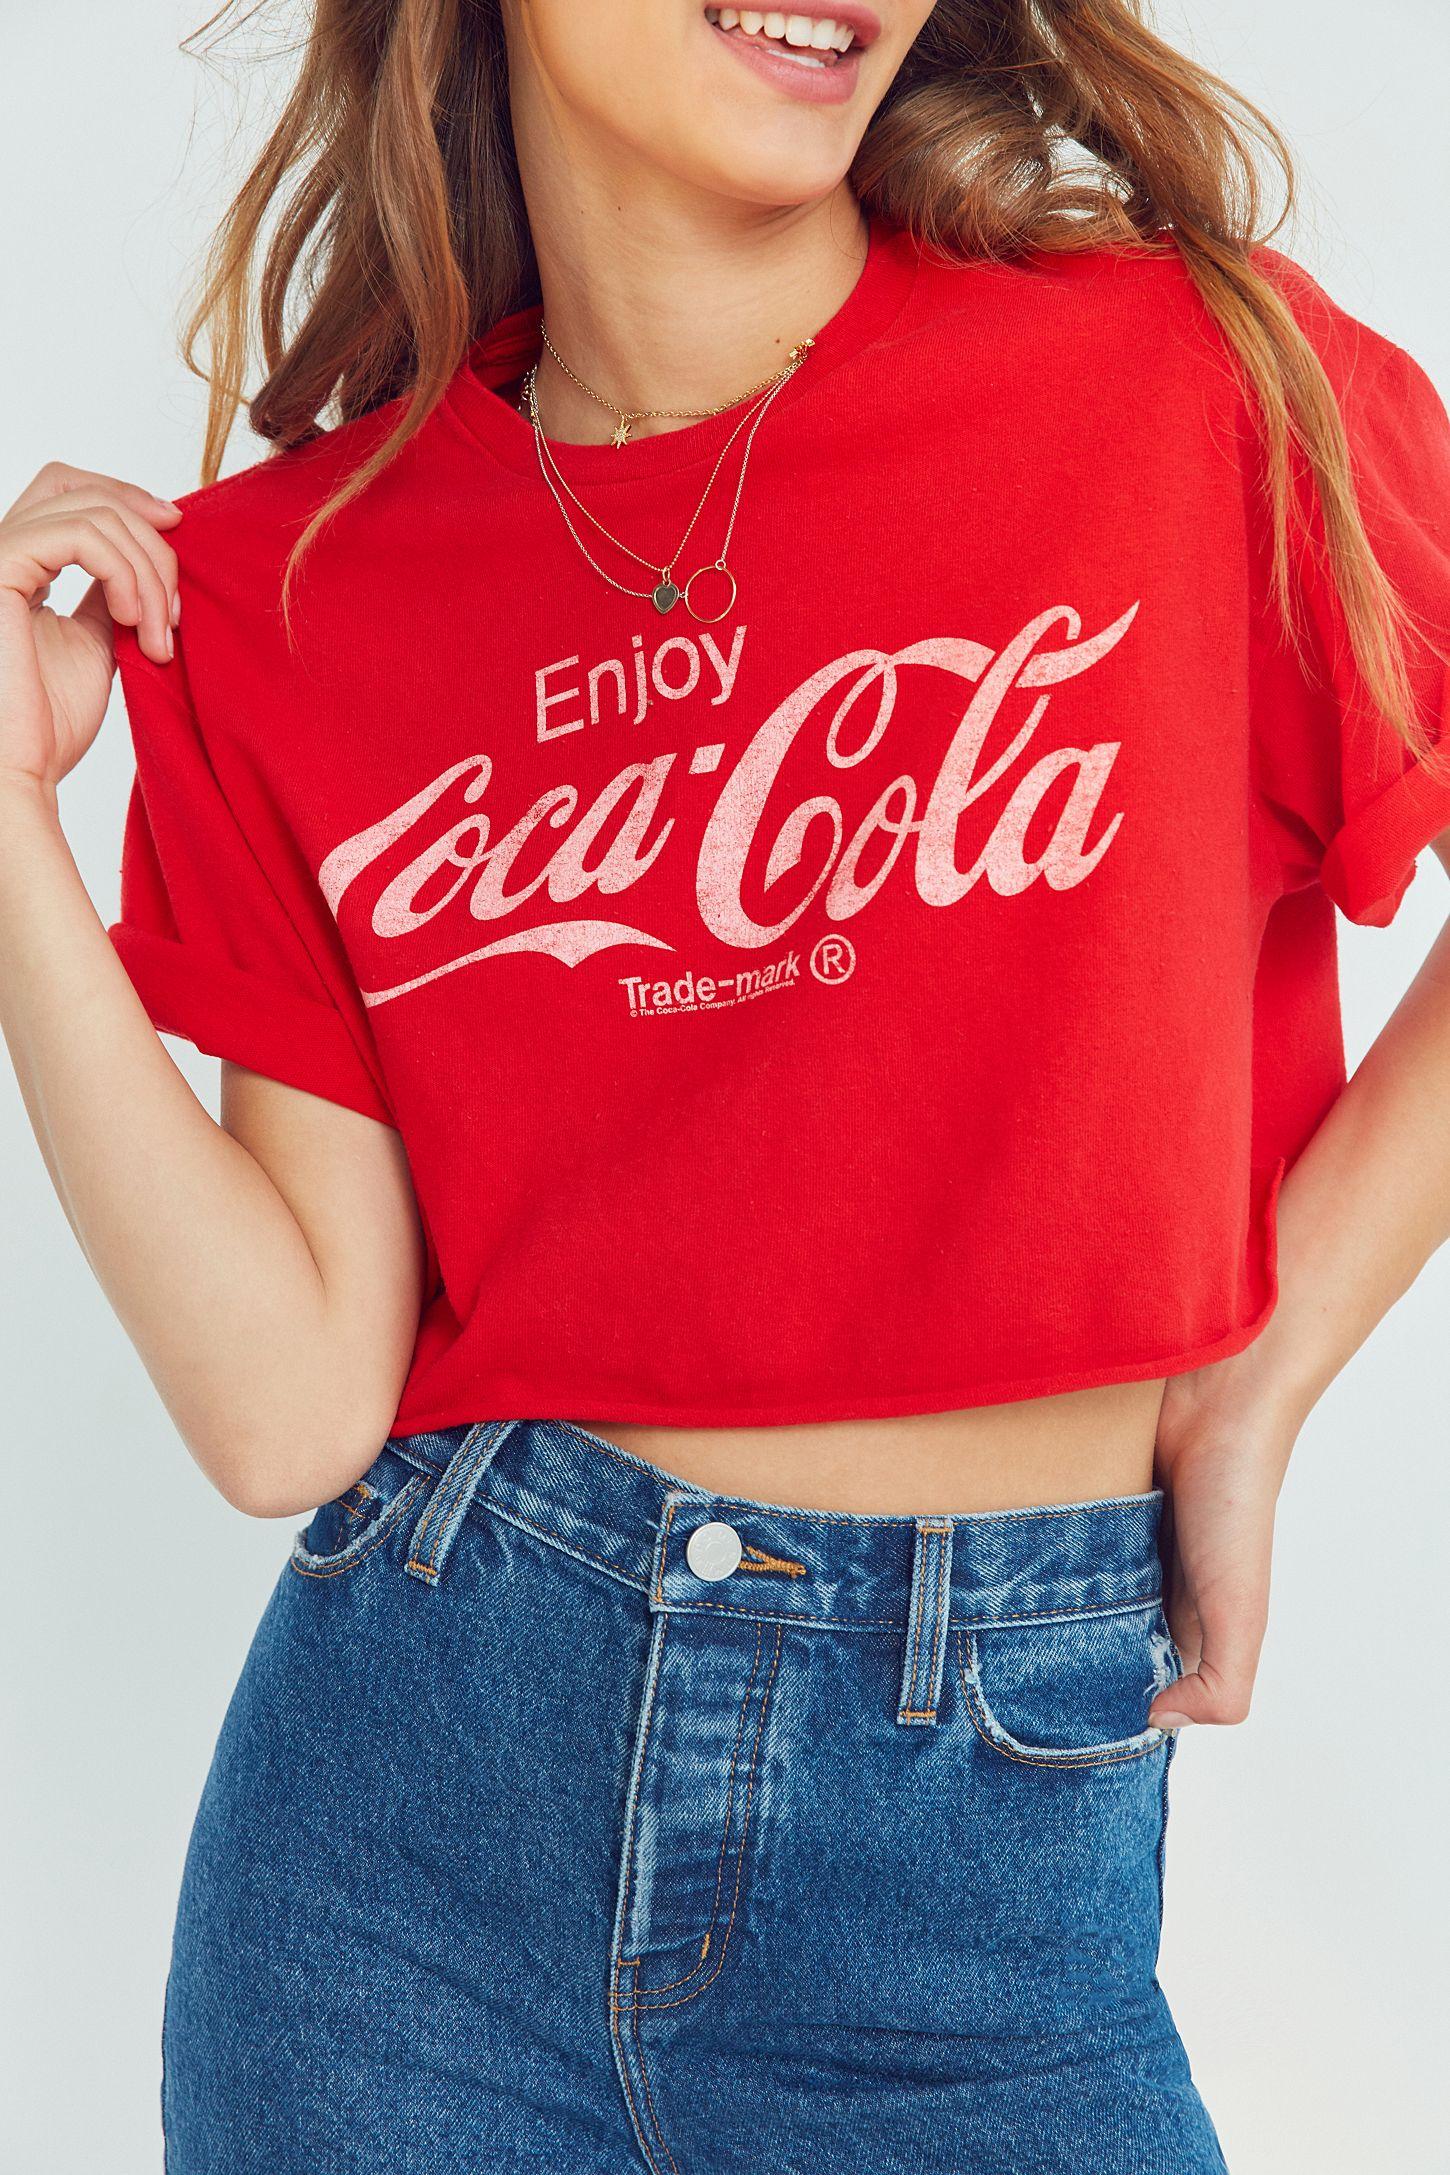 a8a1037b85e4f Junk Food Coca-Cola Cropped Tee